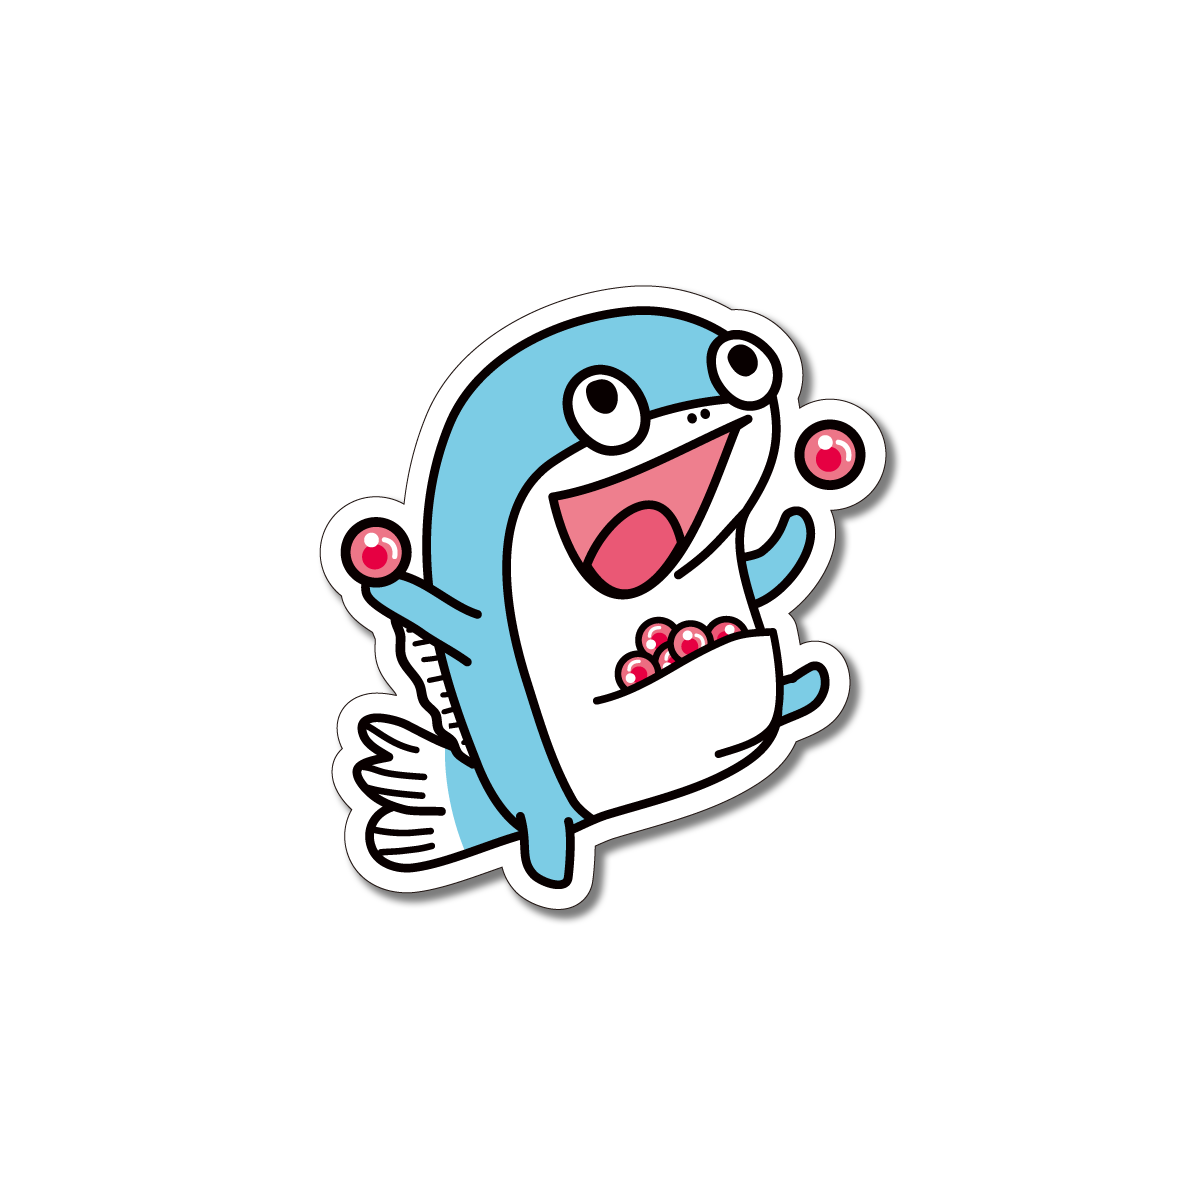 コイス ステッカー (魚卵持ち上げ)